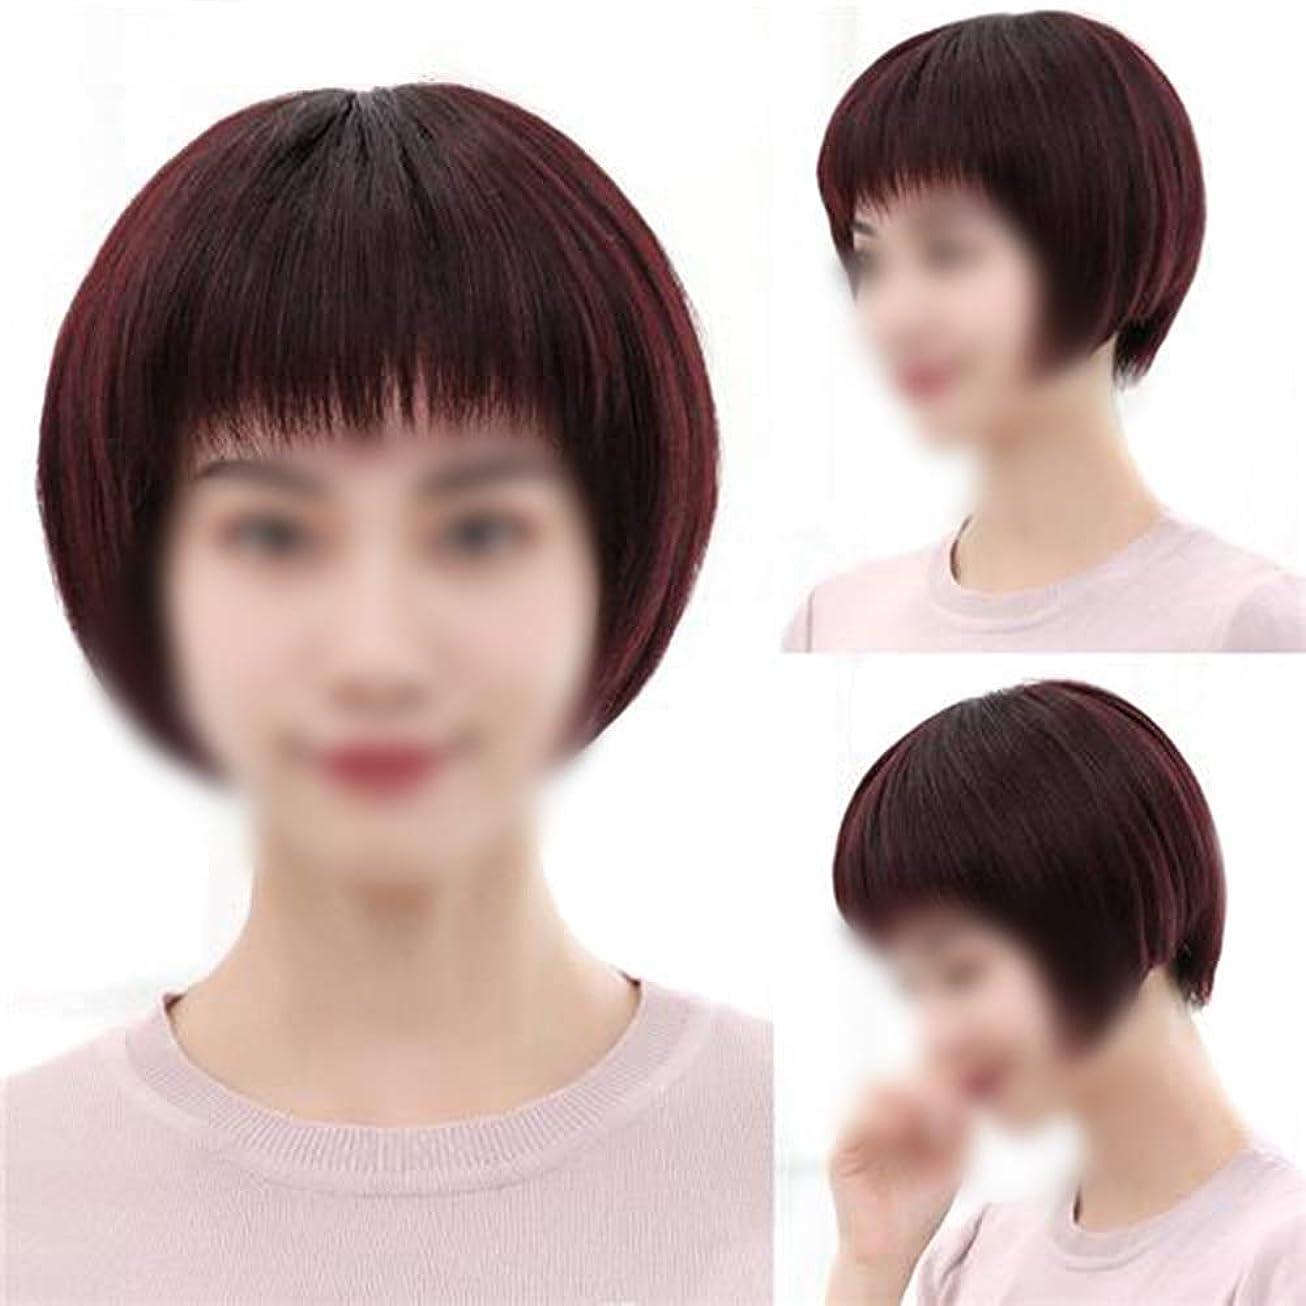 寛大なインデックス中世のHOHYLLYA ボブショートストレートヘアフルハンドウィッグリアルヘアウィッグ中年ウィッグファッションウィッグ (色 : Dark brown)